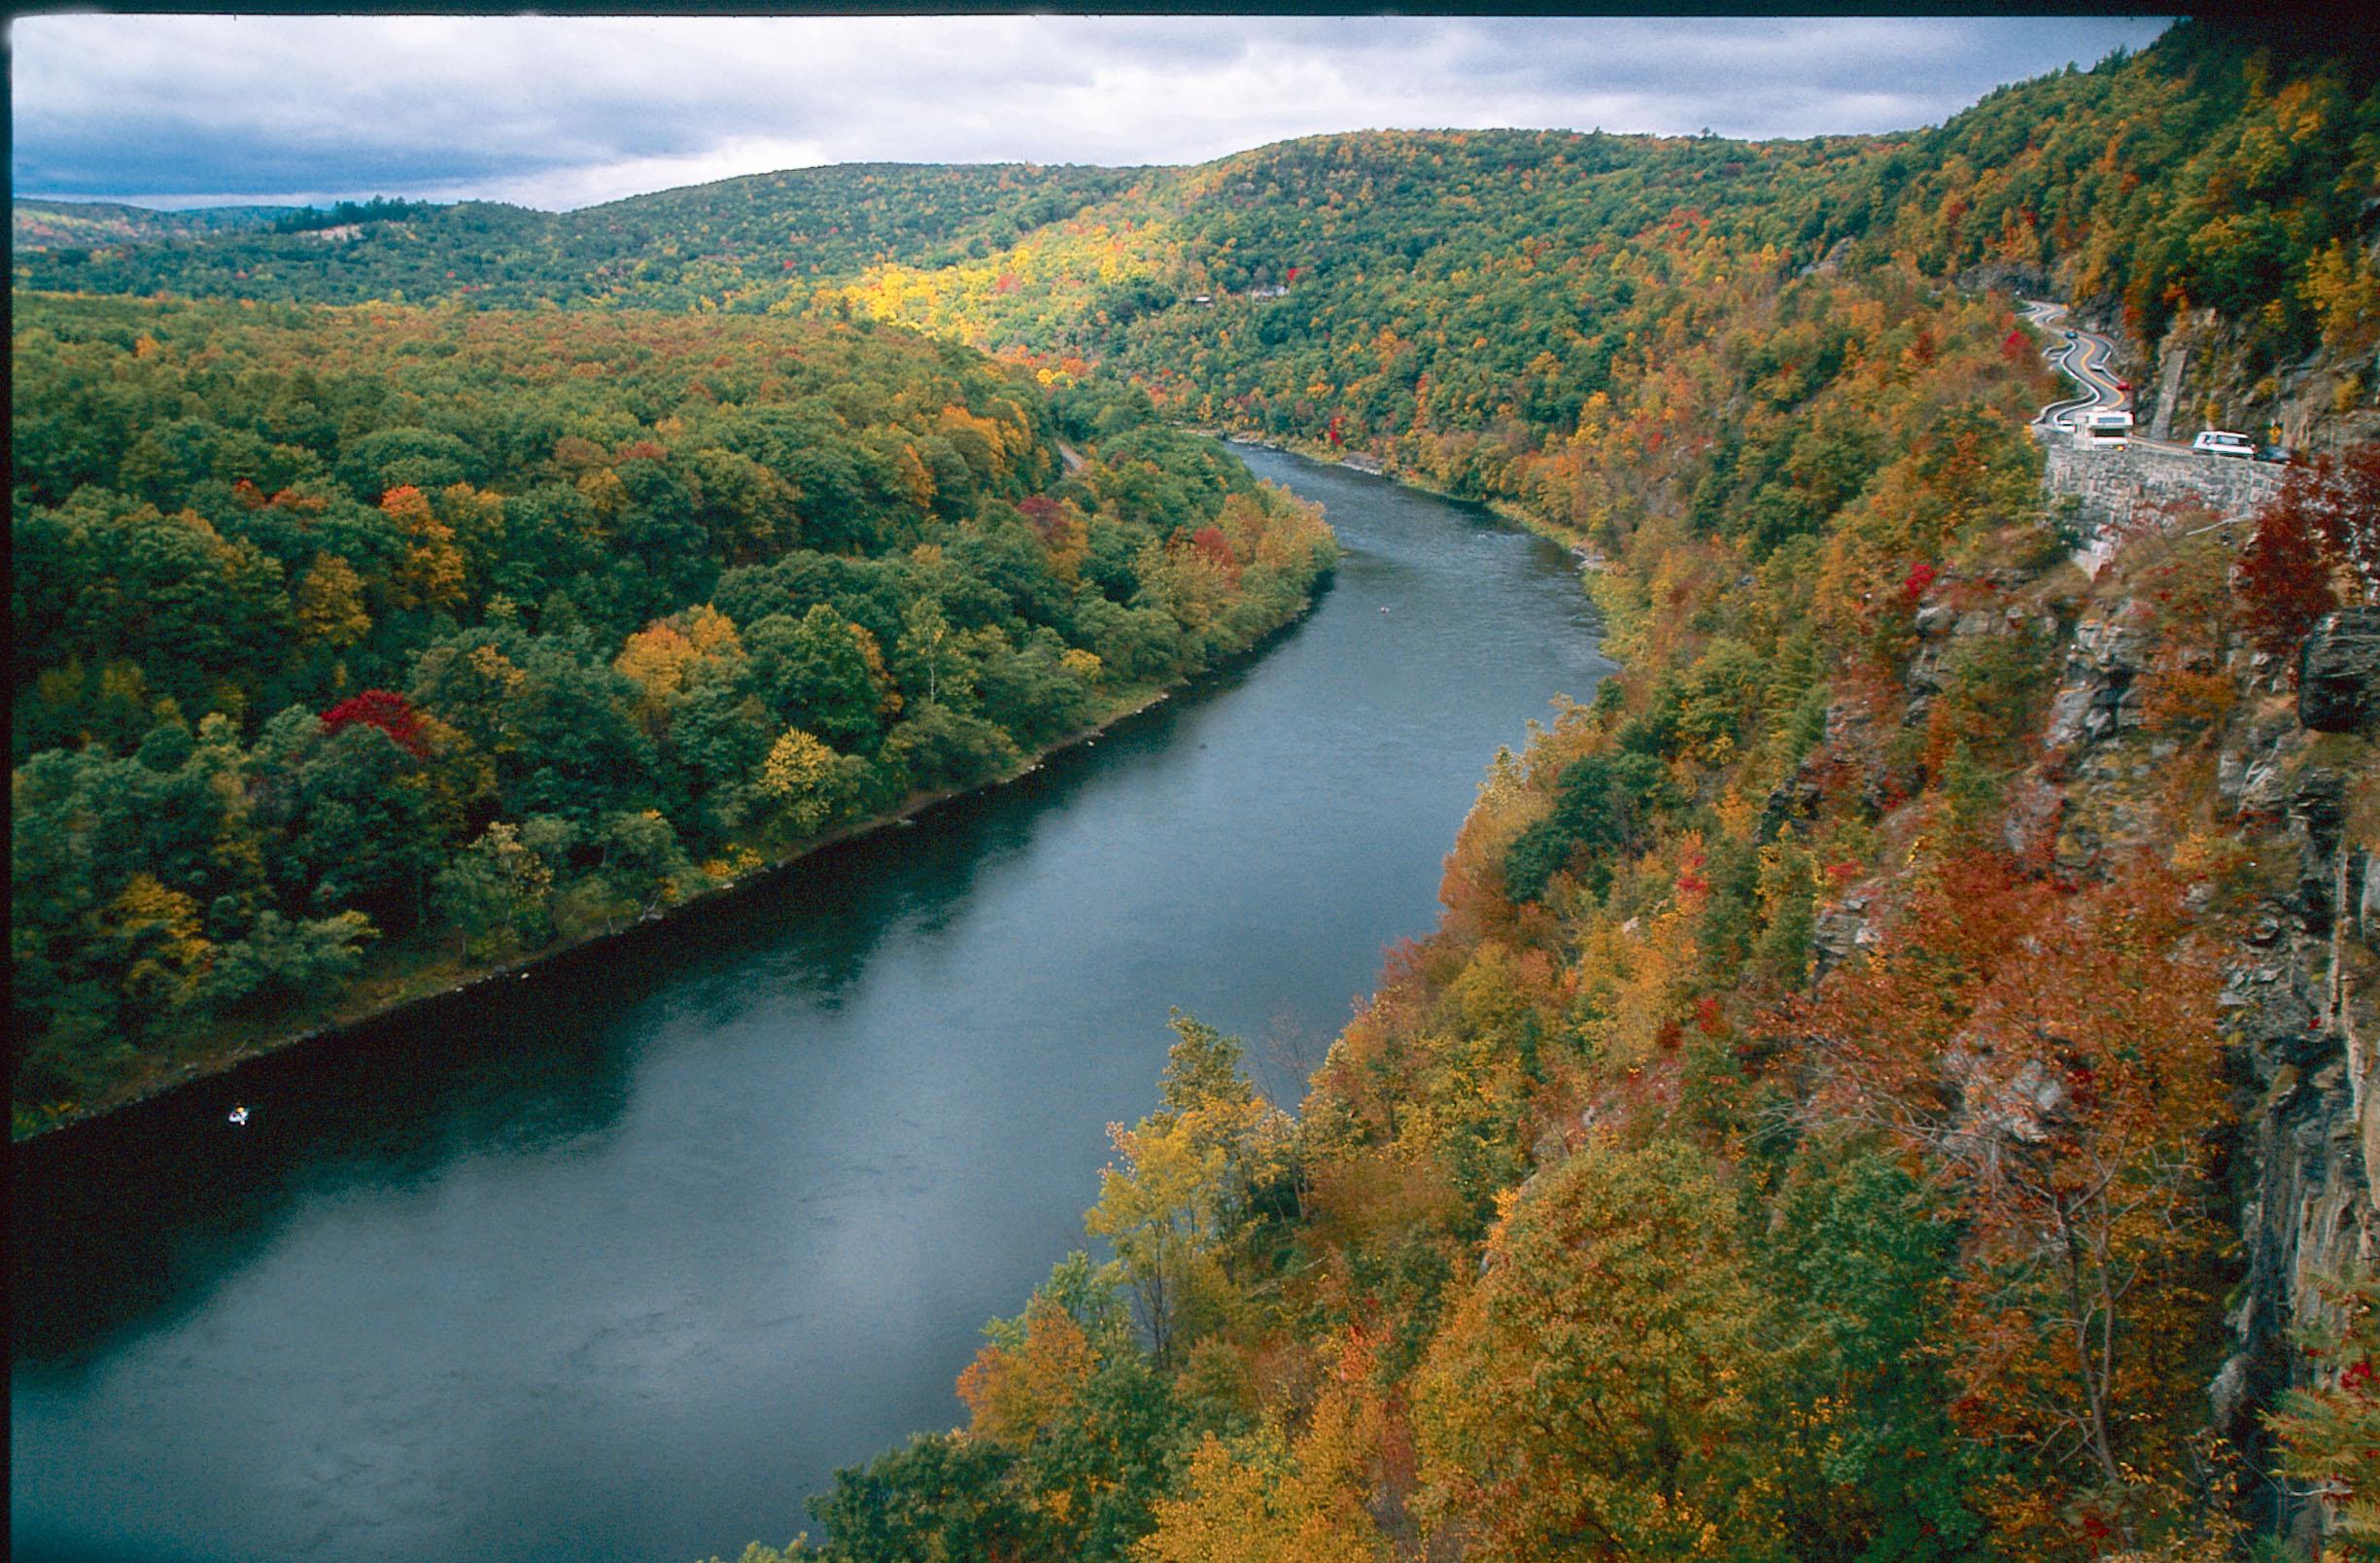 Delaware_River,_Delaware_Riover_Basin_Commission.jpg